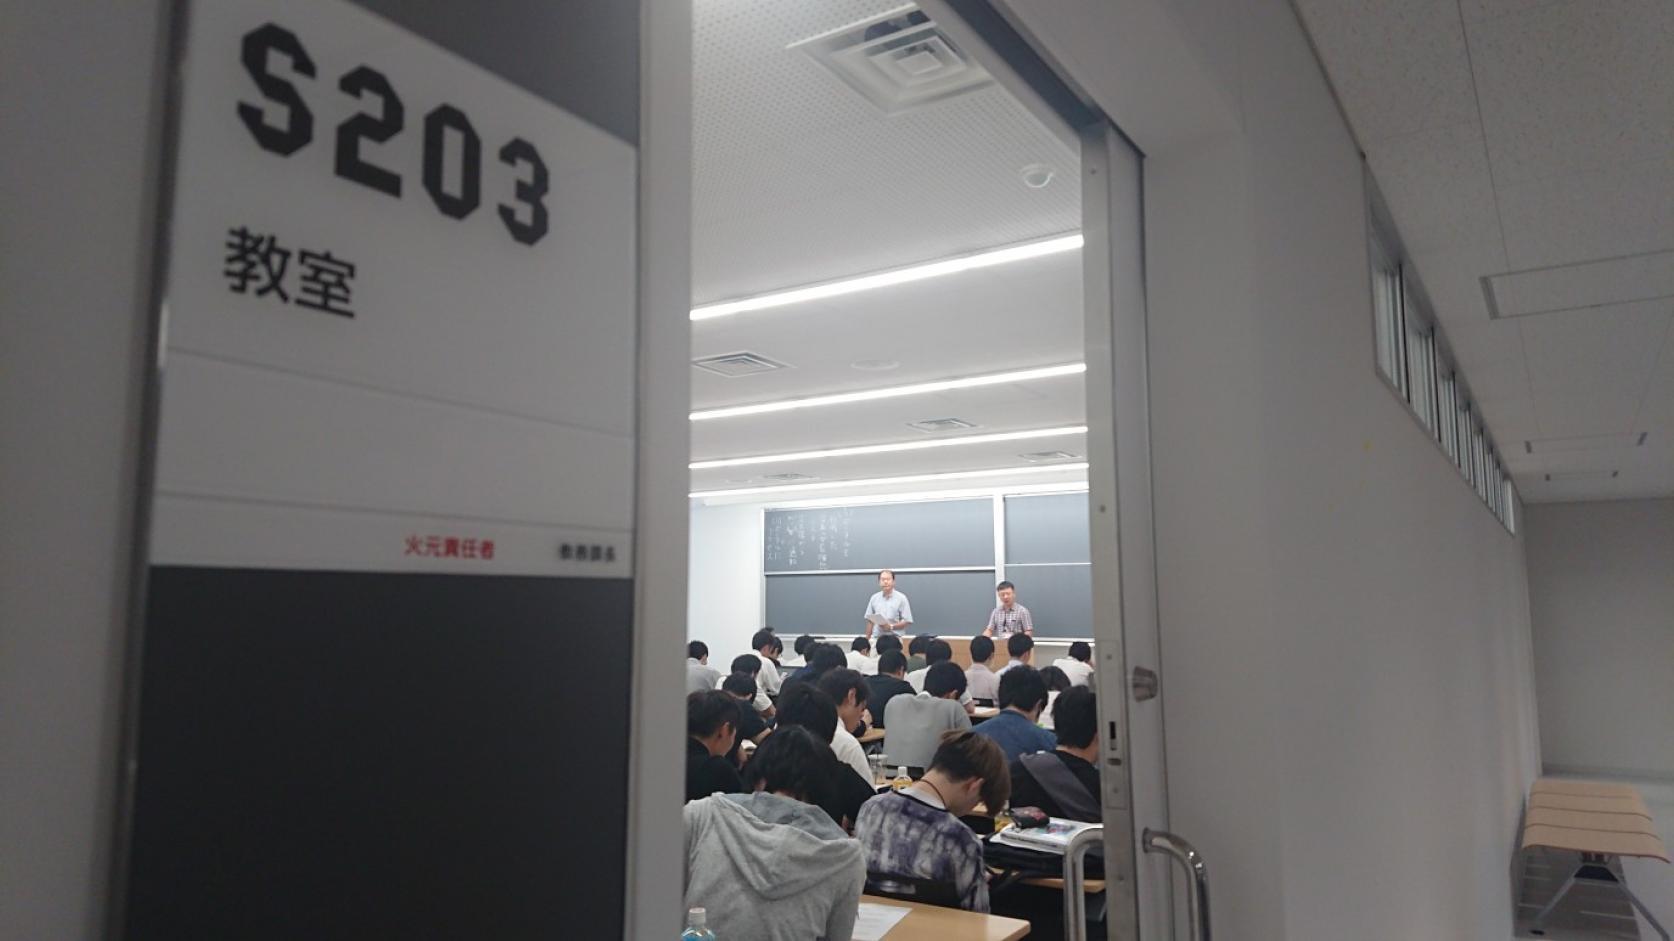 駿河台キャンパスに、地下3階地上18階の新校舎「タワー・スコラ」が誕生しました。駿河台の新たな教育・研究拠点として、本日から学生たちと共にスタートします。